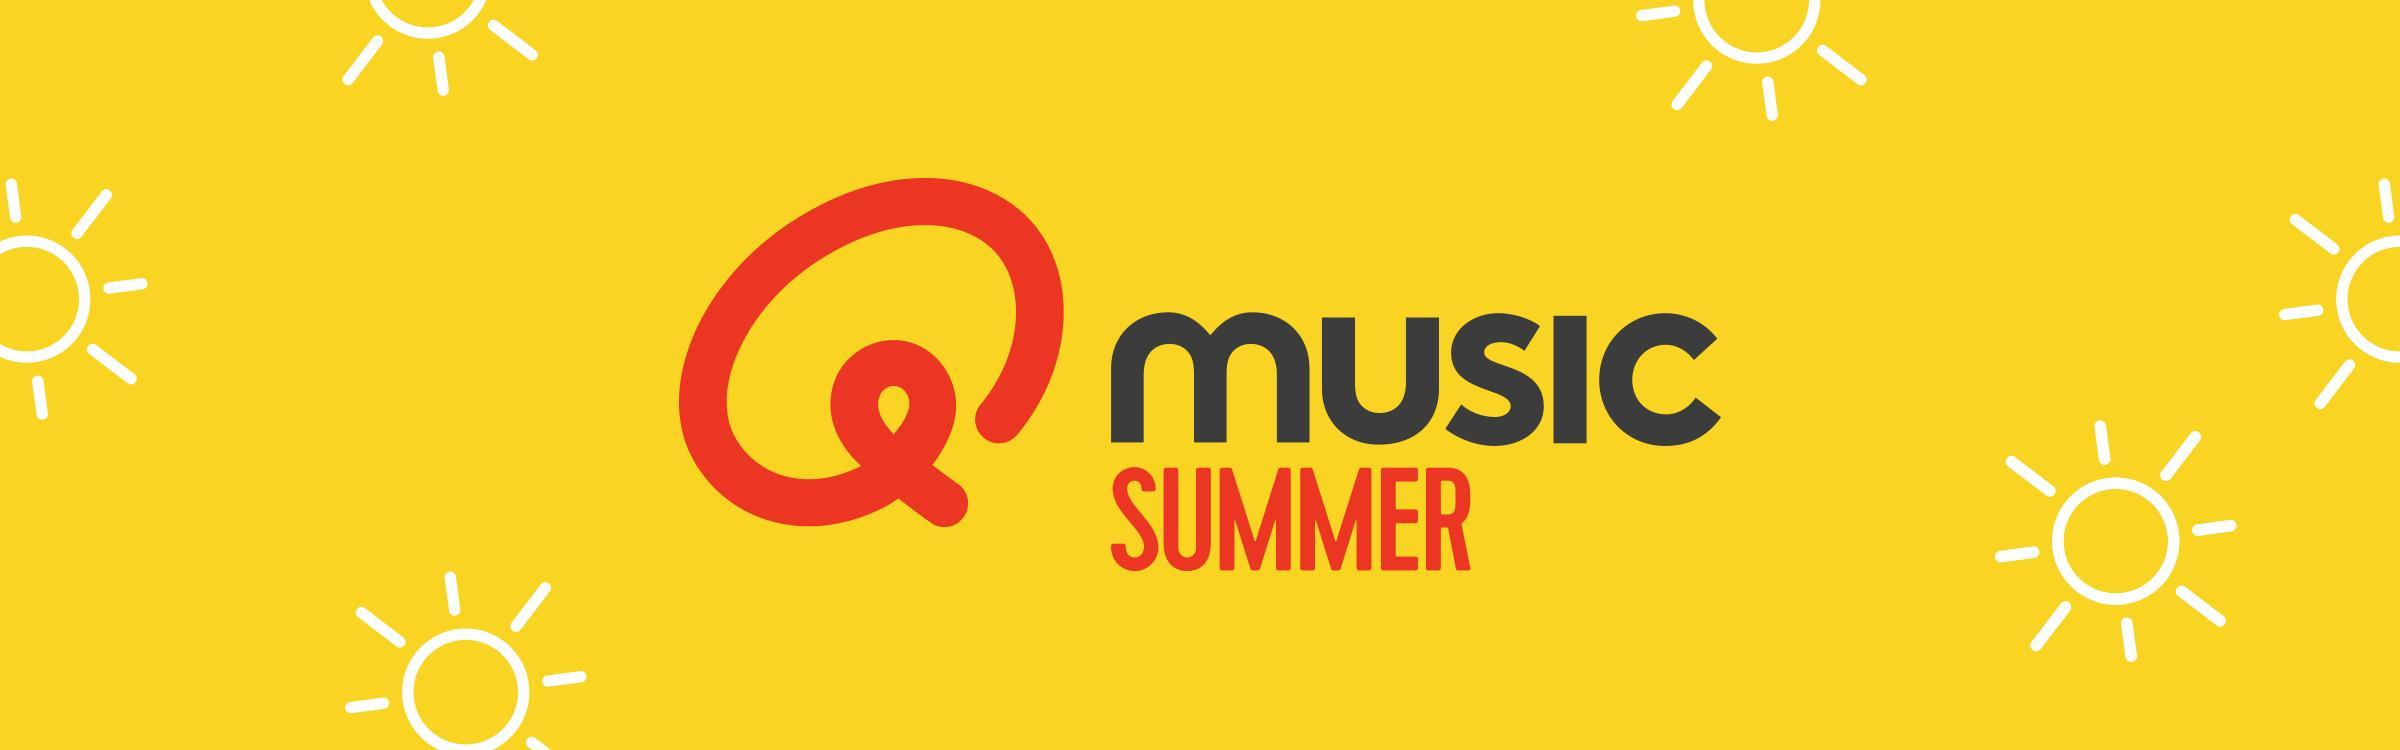 Zomerhits op Qmusic Summer!